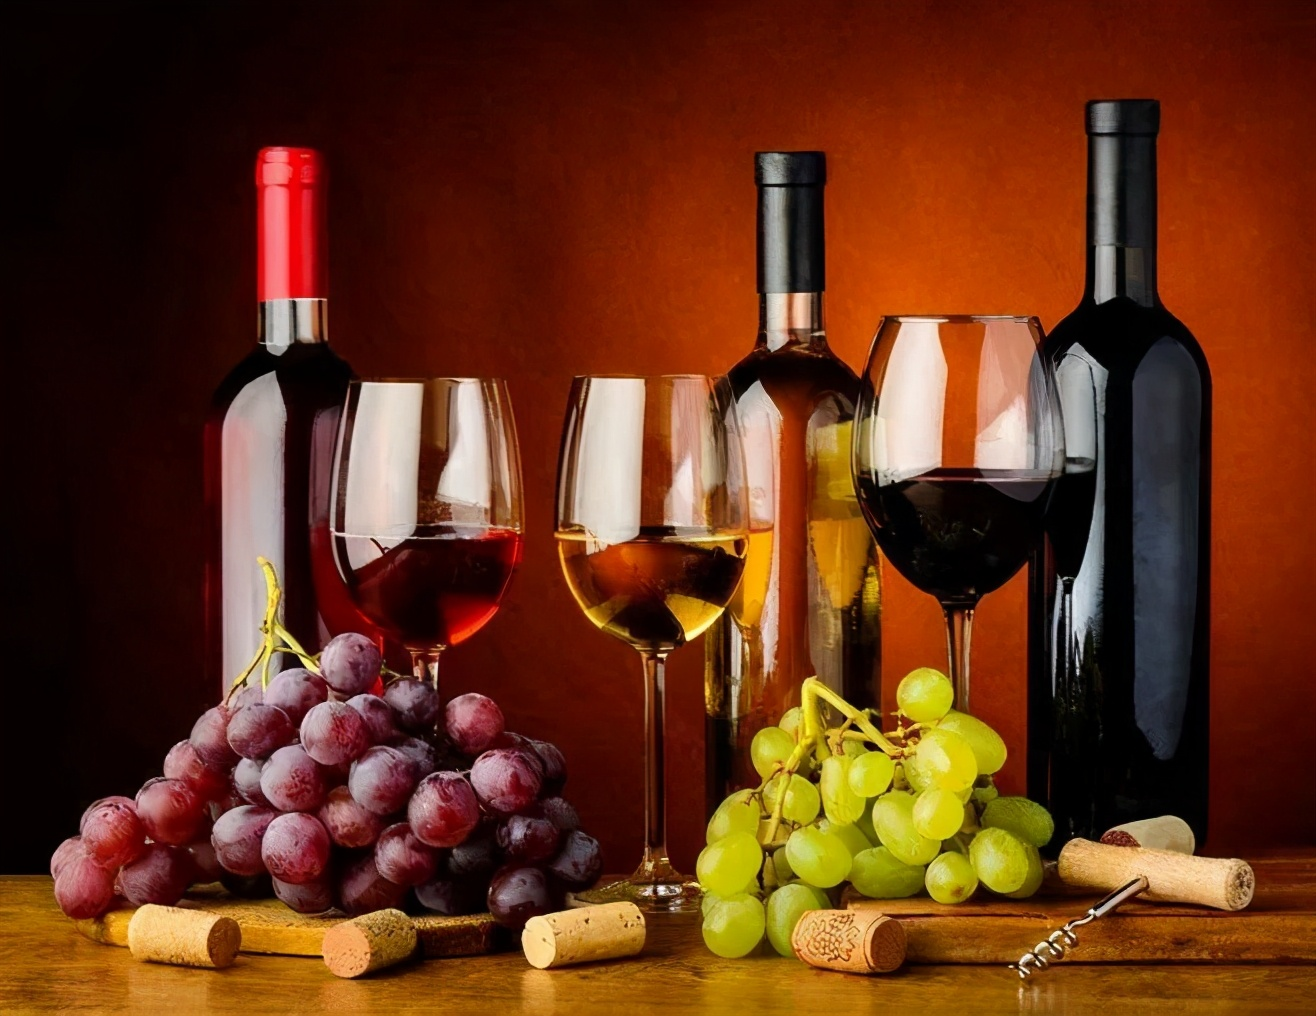 「中国食品报观察」中国葡萄酒产业如何在困局中重生迎来春天?